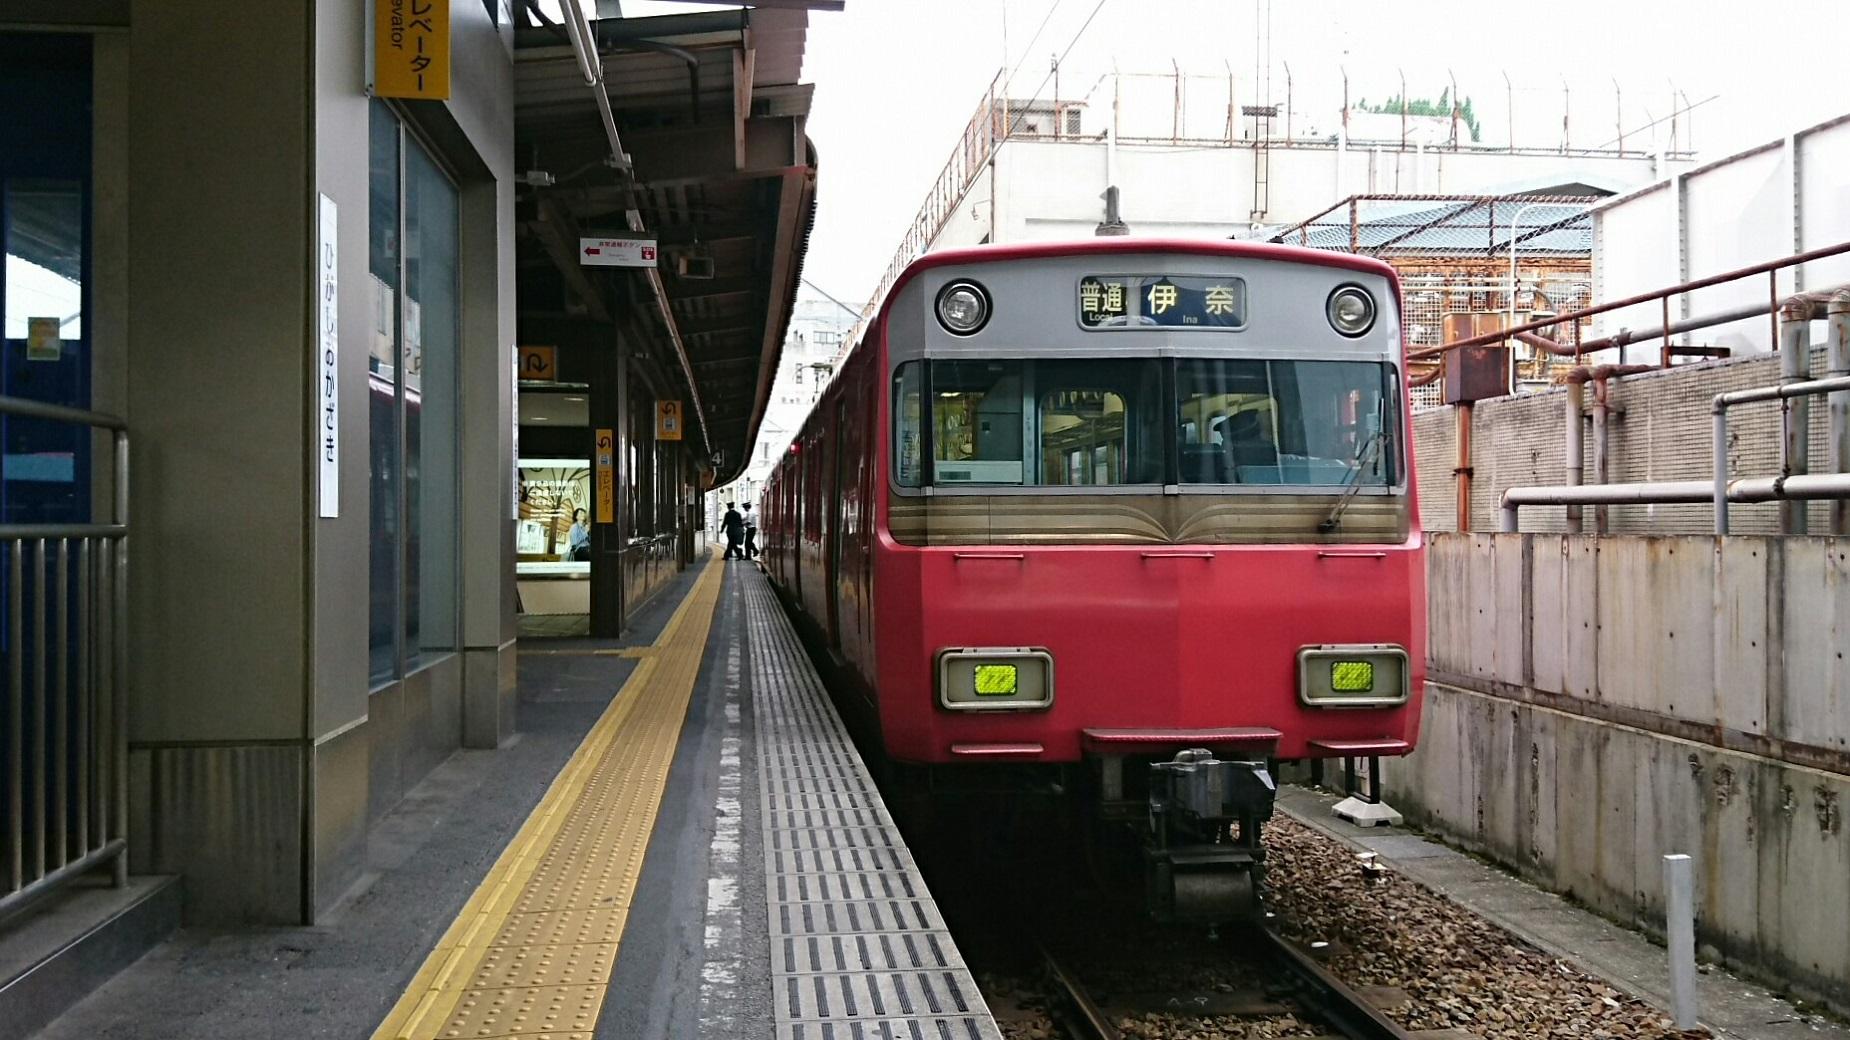 2018.5.6 東岡崎 (17) 東岡崎 - 伊奈いきふつう 1850-1040